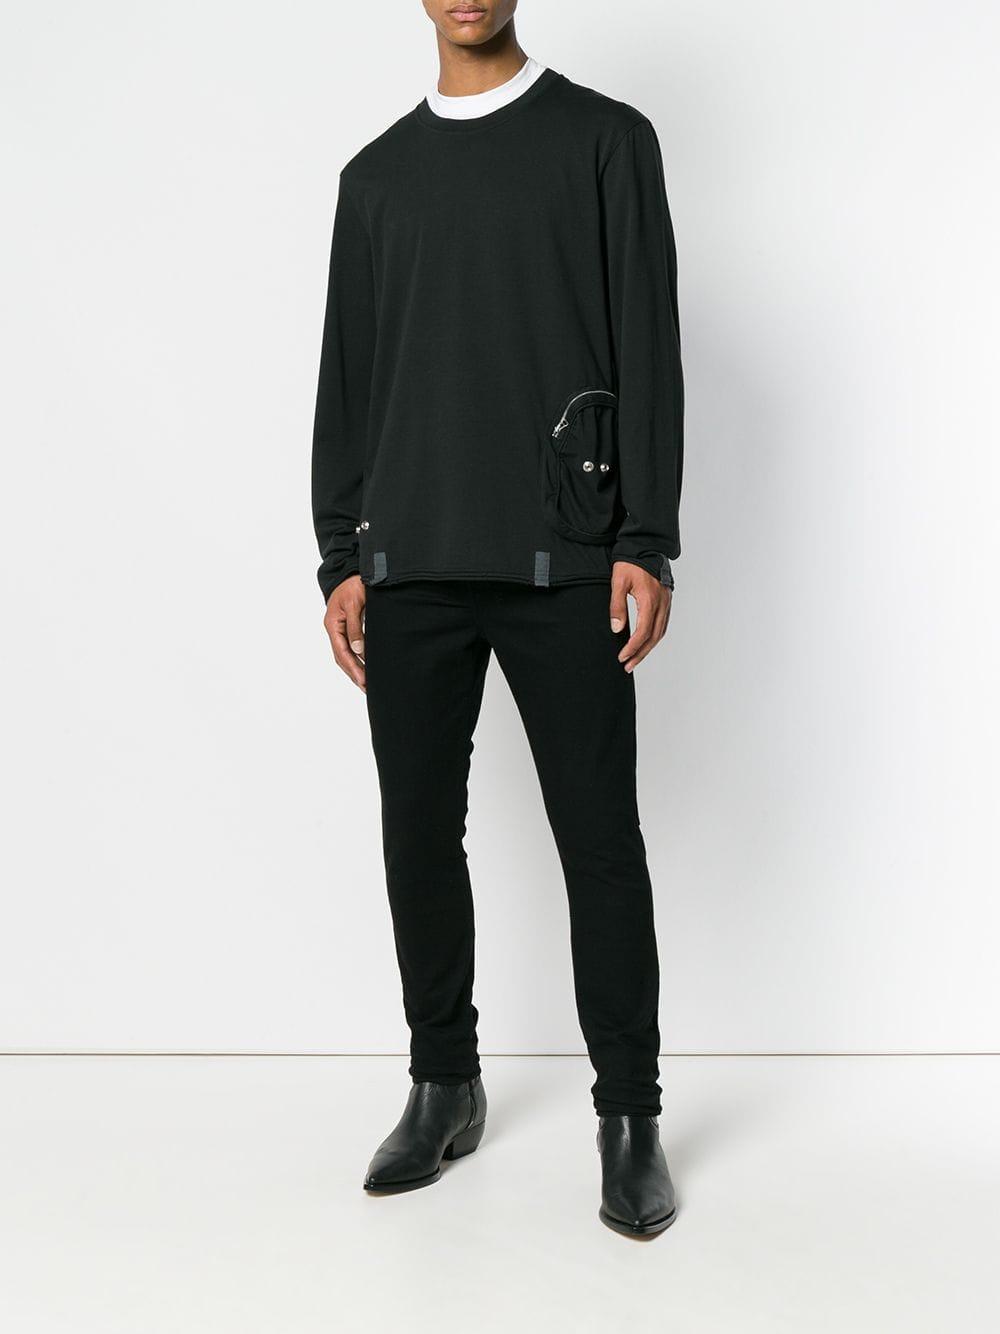 Helmut Lang Katoen Sweater Met Zijzakken in het Zwart voor heren